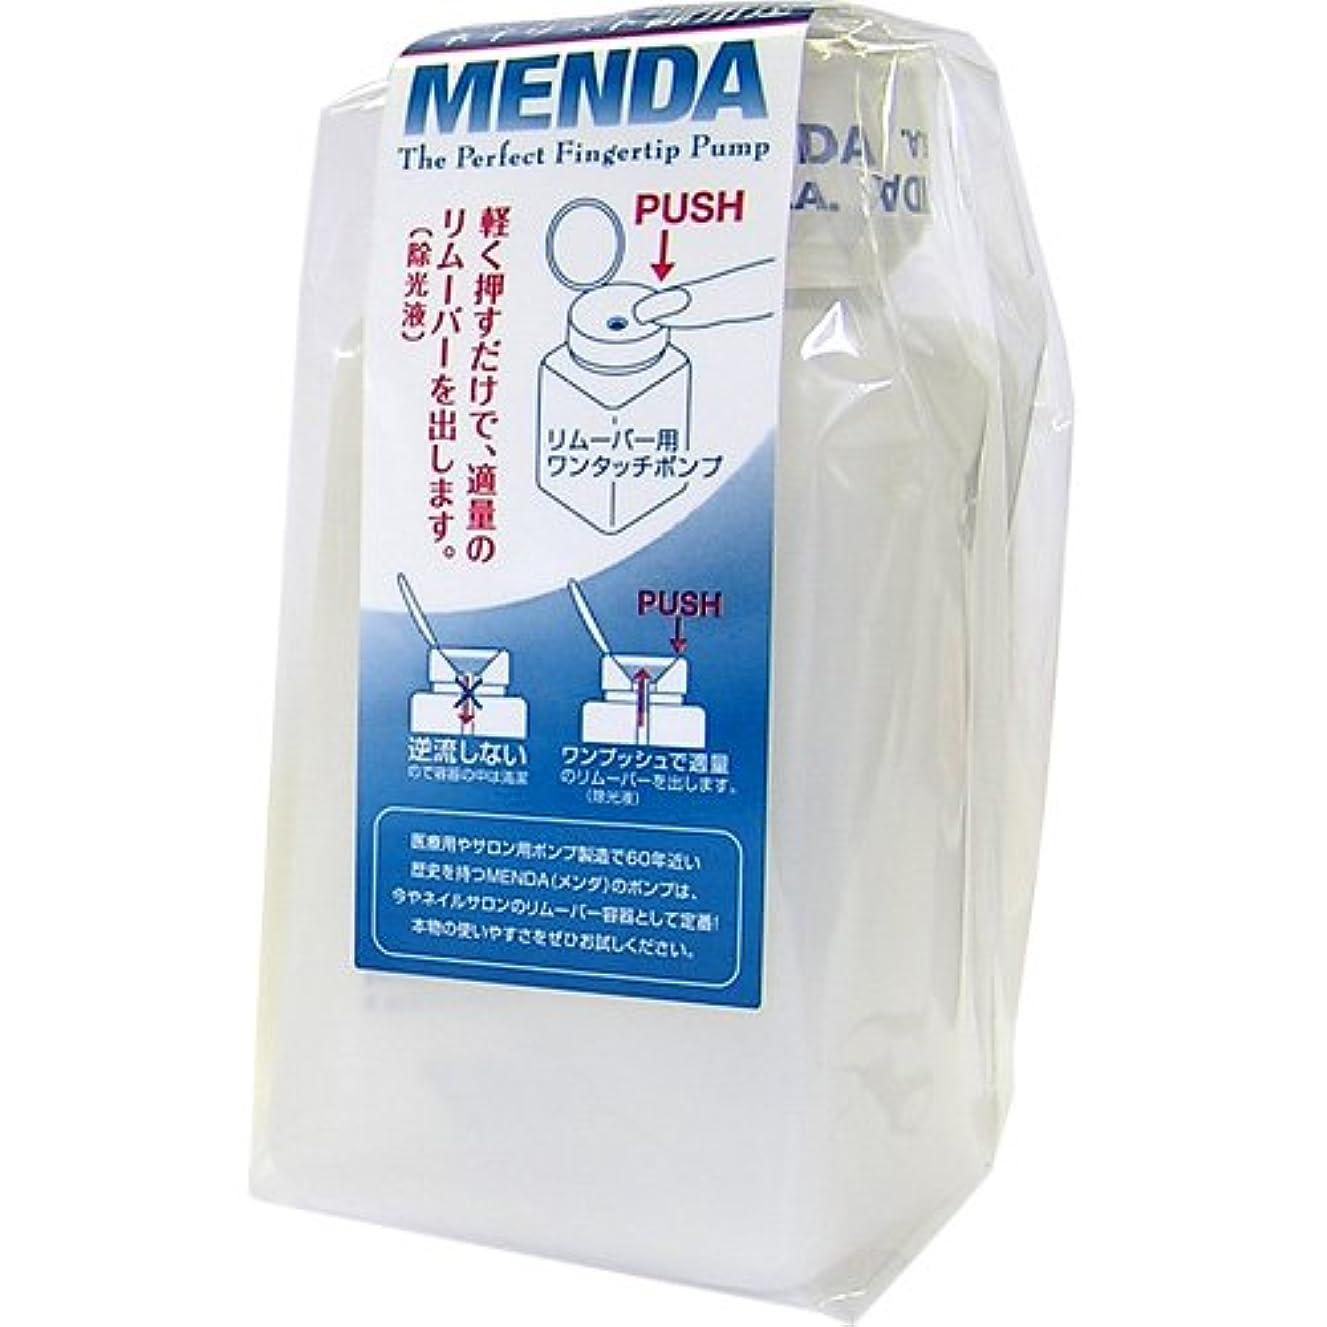 カテゴリー魔術入学するメンダ<MENDA>リムーバー用ワンタッチポンプ180ml(6oz)